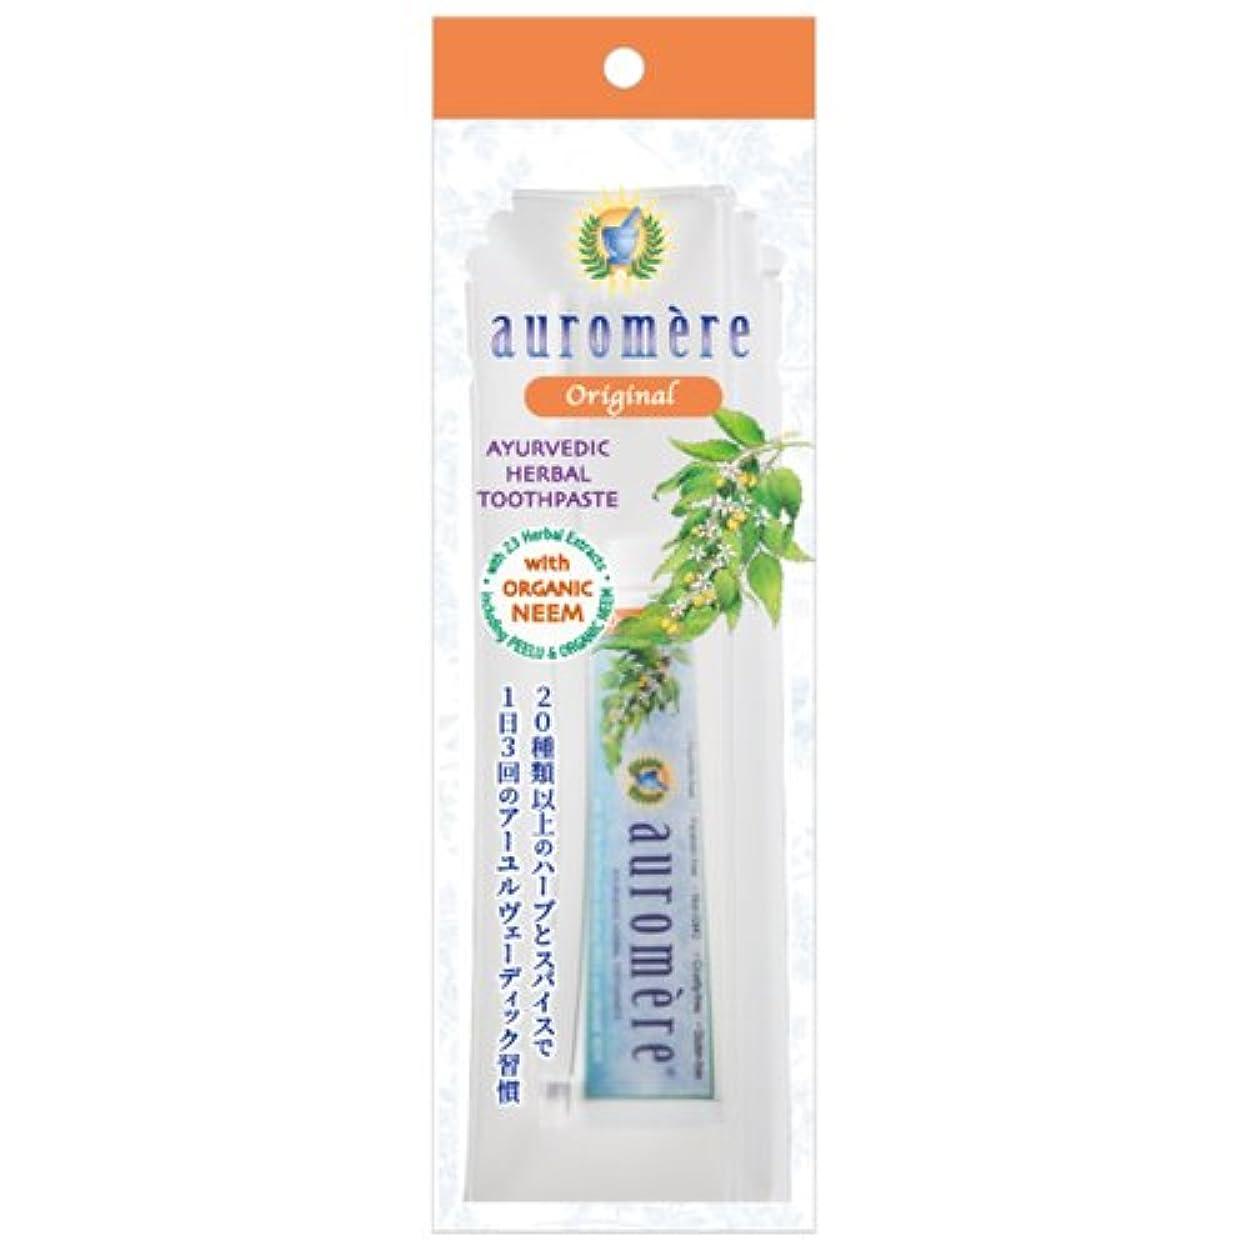 花嫁行うブロンズオーロメア 歯磨き粉 オリジナル トラベルセット (30g)